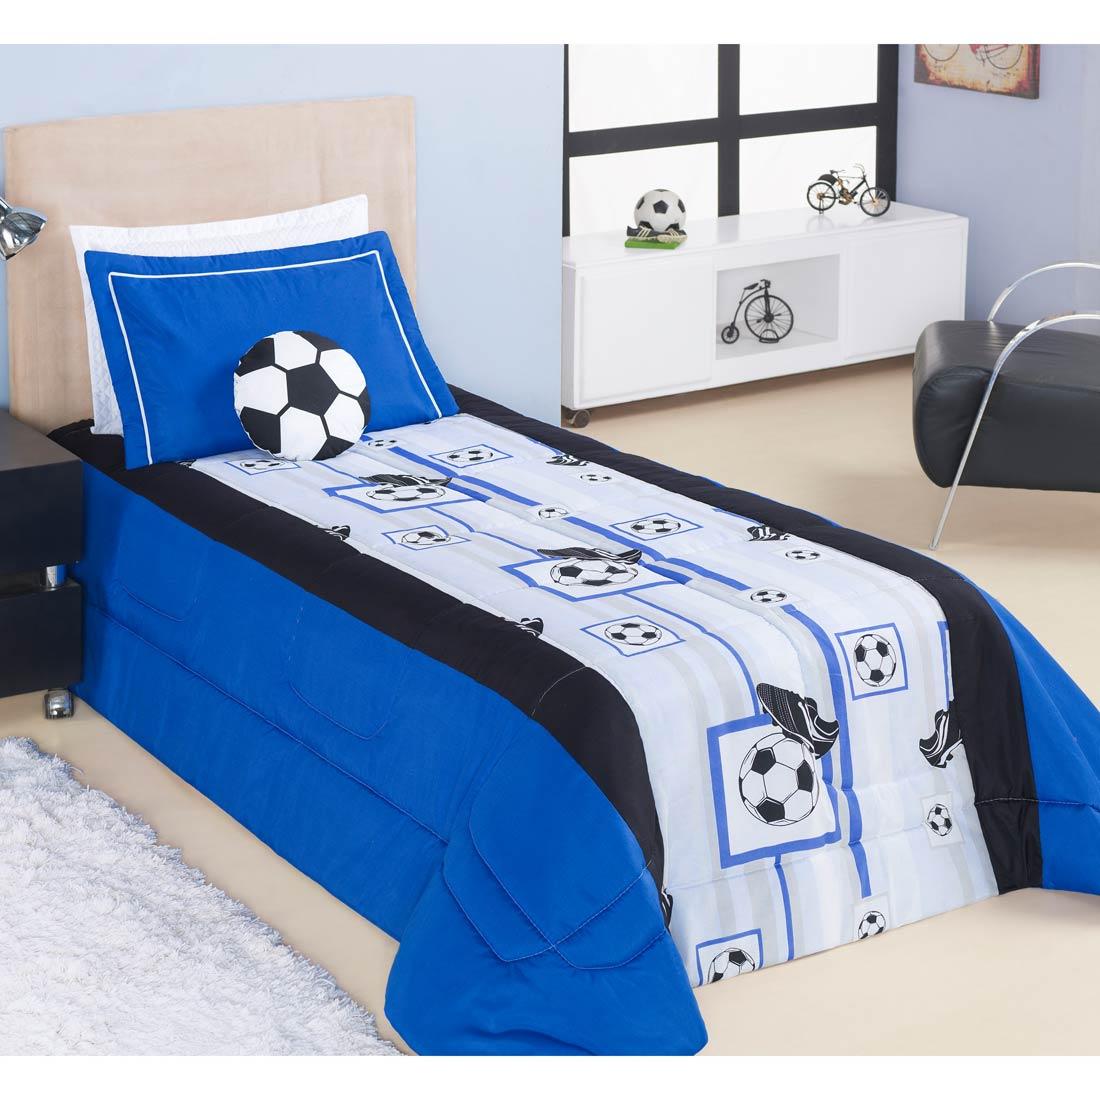 8d2e644fd9 Kit Edredom Solteiro Soccer (Futebol) 03 Peças Estampado com Almofada - cor  Azul - VIVART enxovais